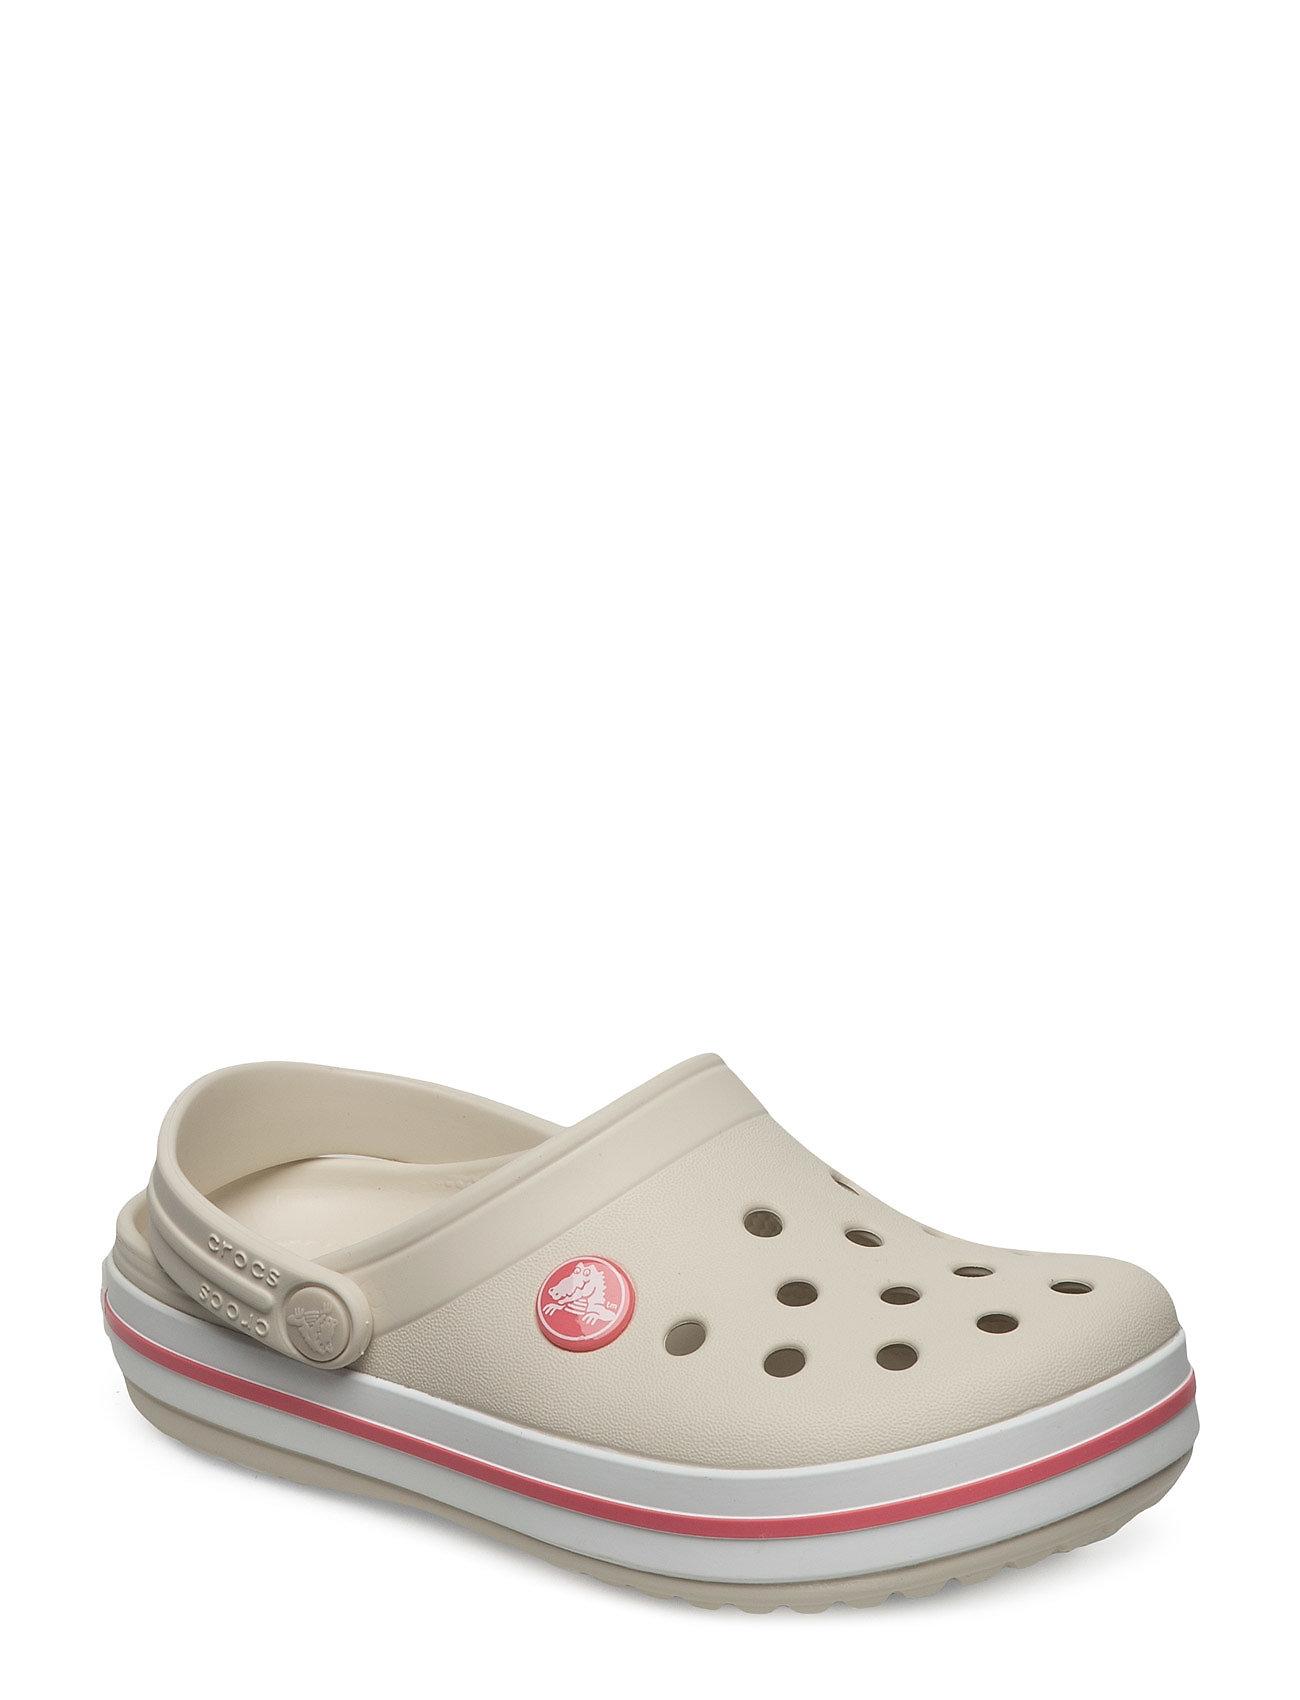 Crocband Clog K Crocs Sandaler til Børn i